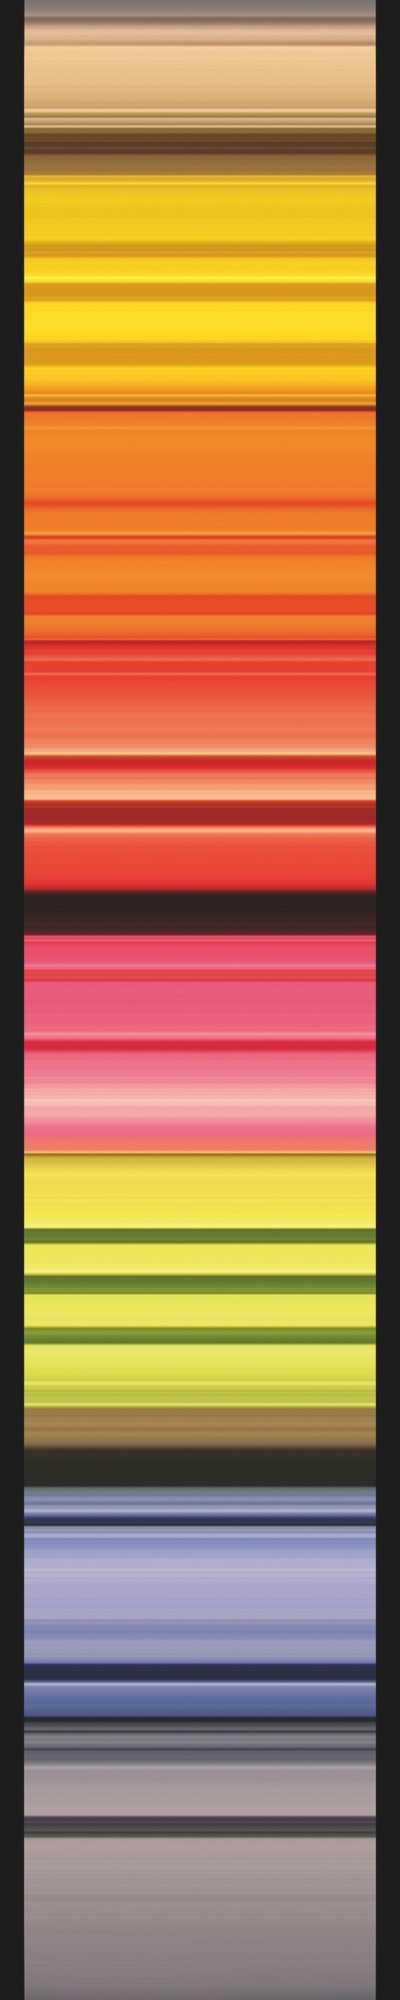 Poster XXL impression numérique Stripes